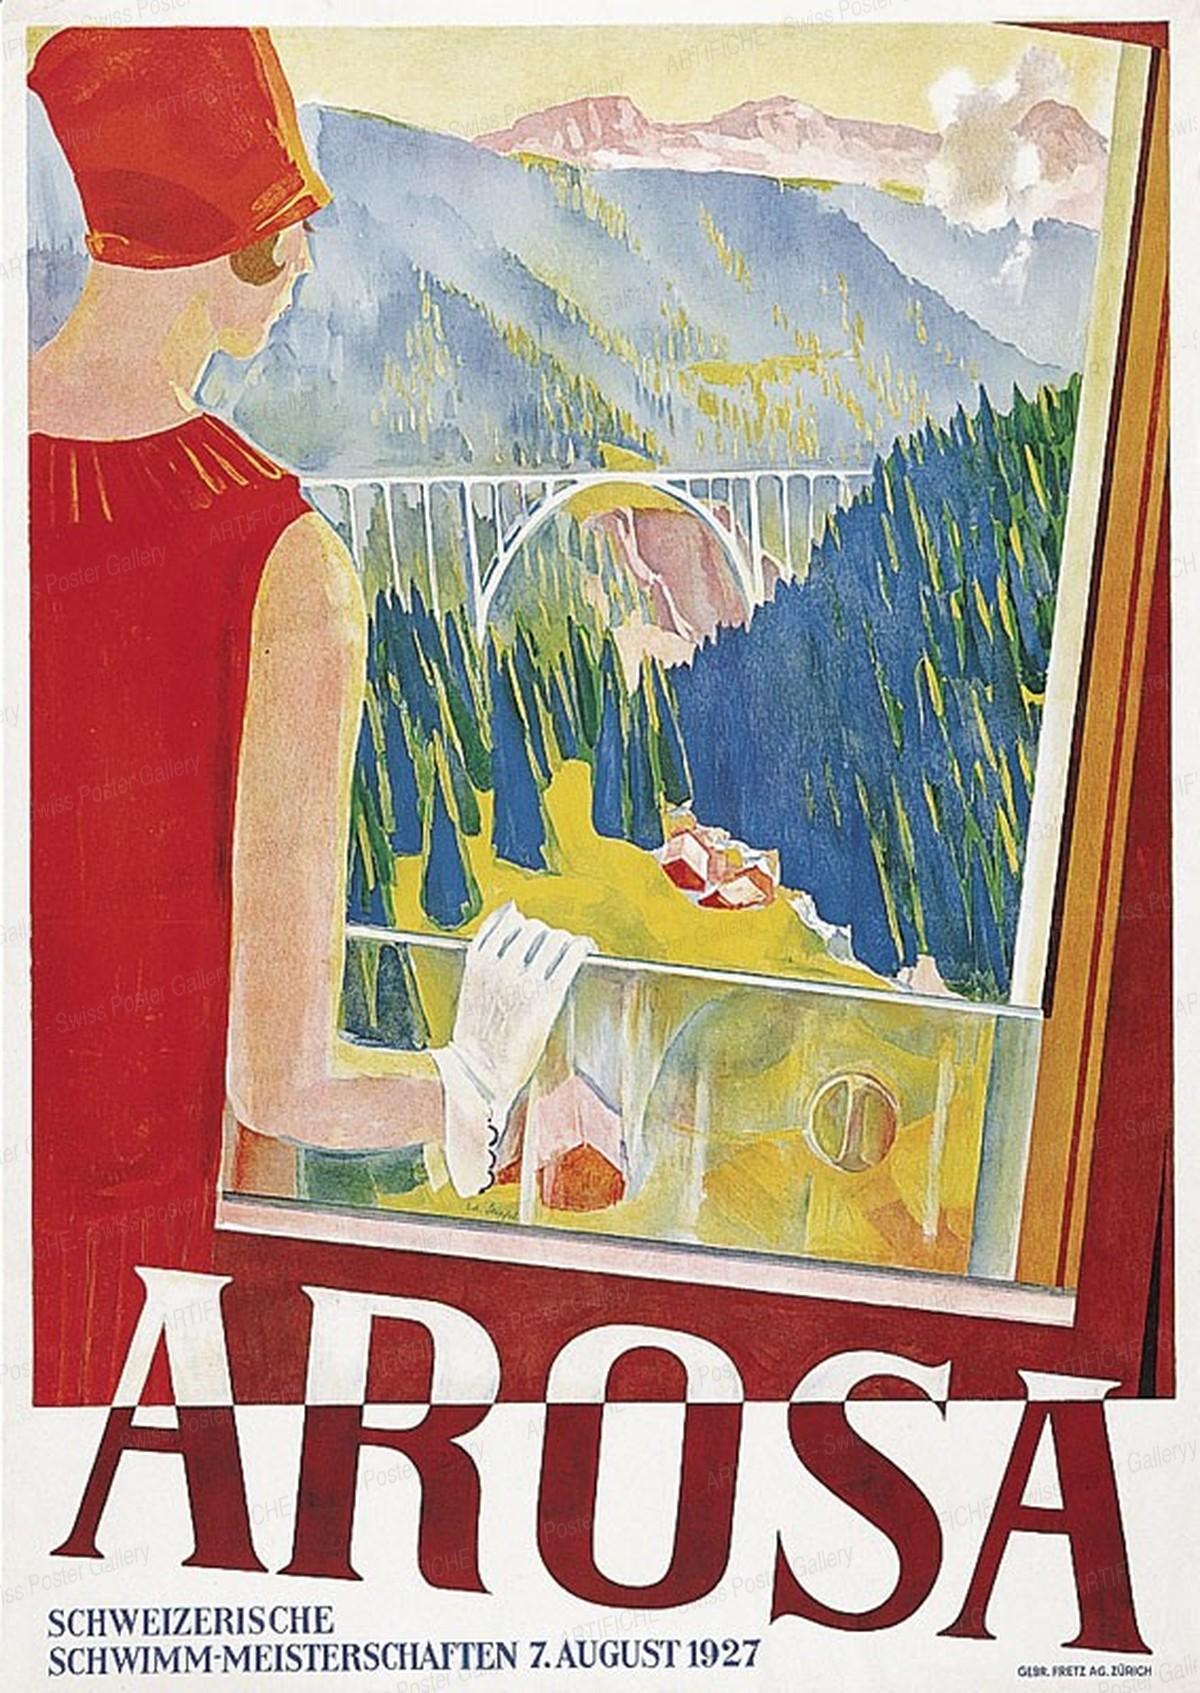 AROSA – Schweizerische Schwimmmeisterschaften – 7. August 1927, Edouard Stiefel